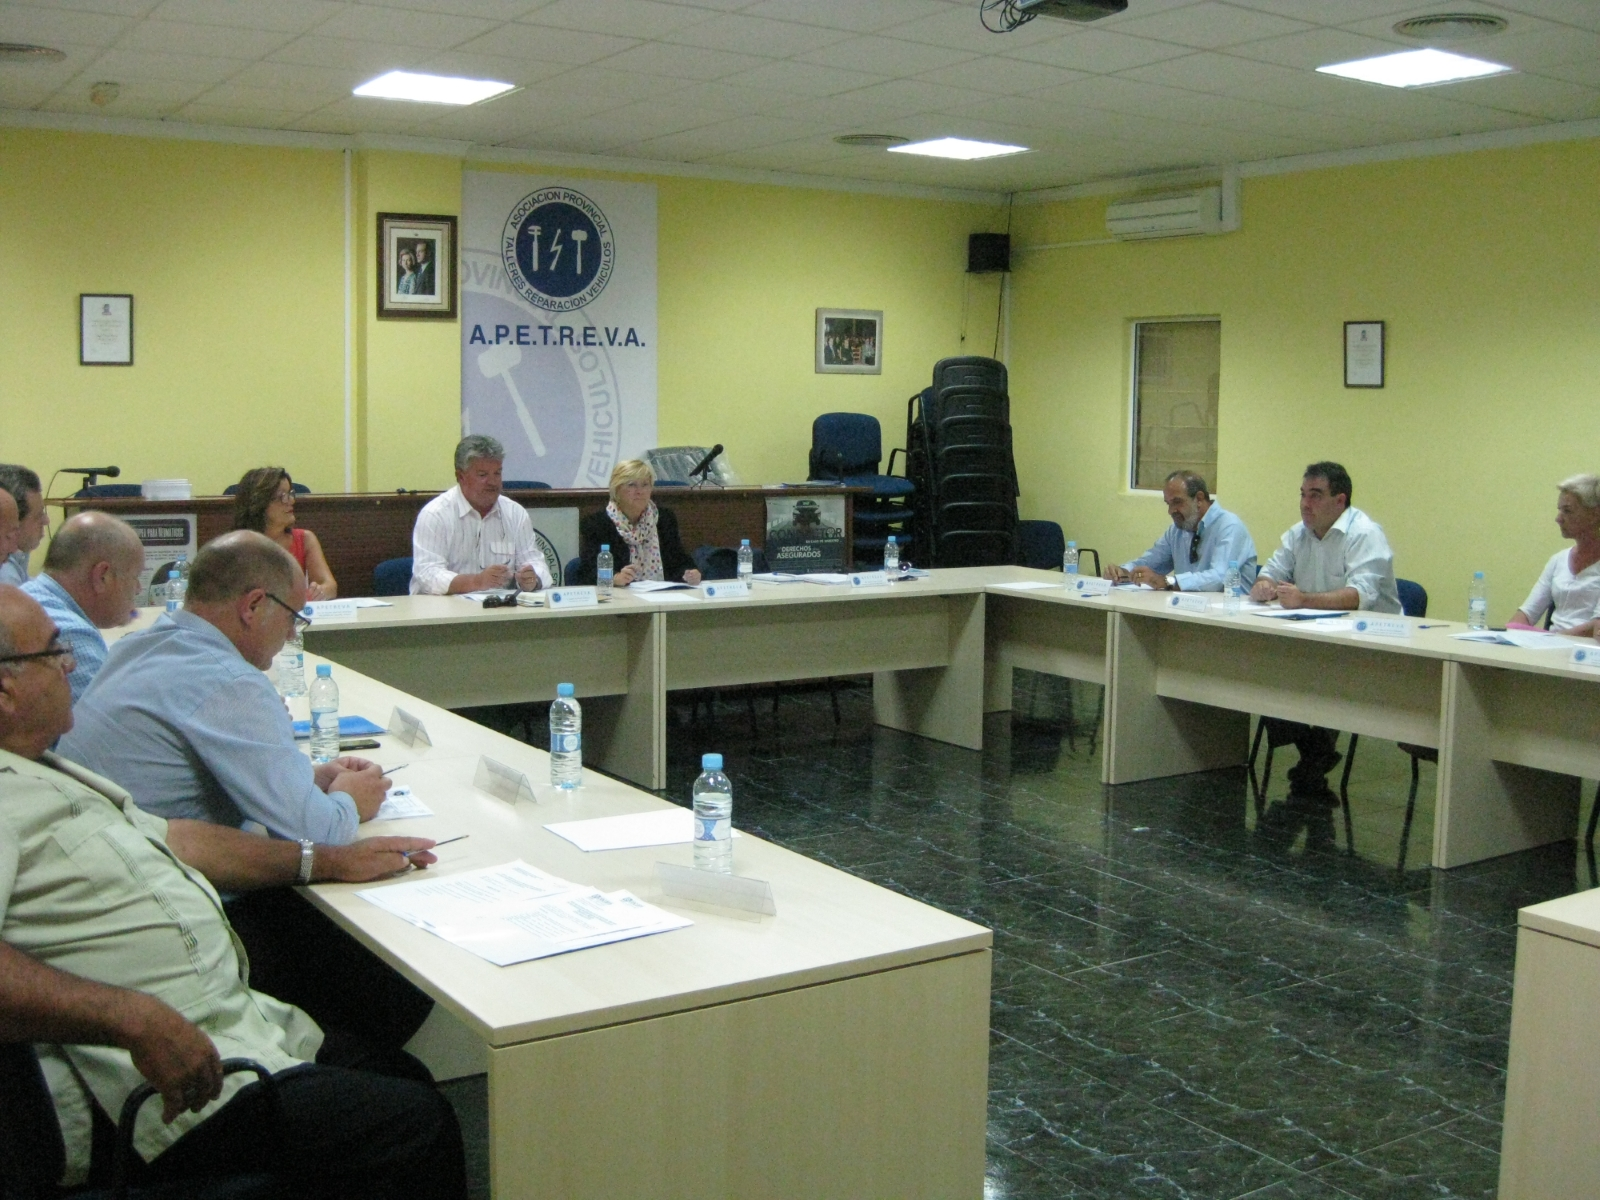 La Federación Regional de Automoción plantea crear un grupo de trabajo